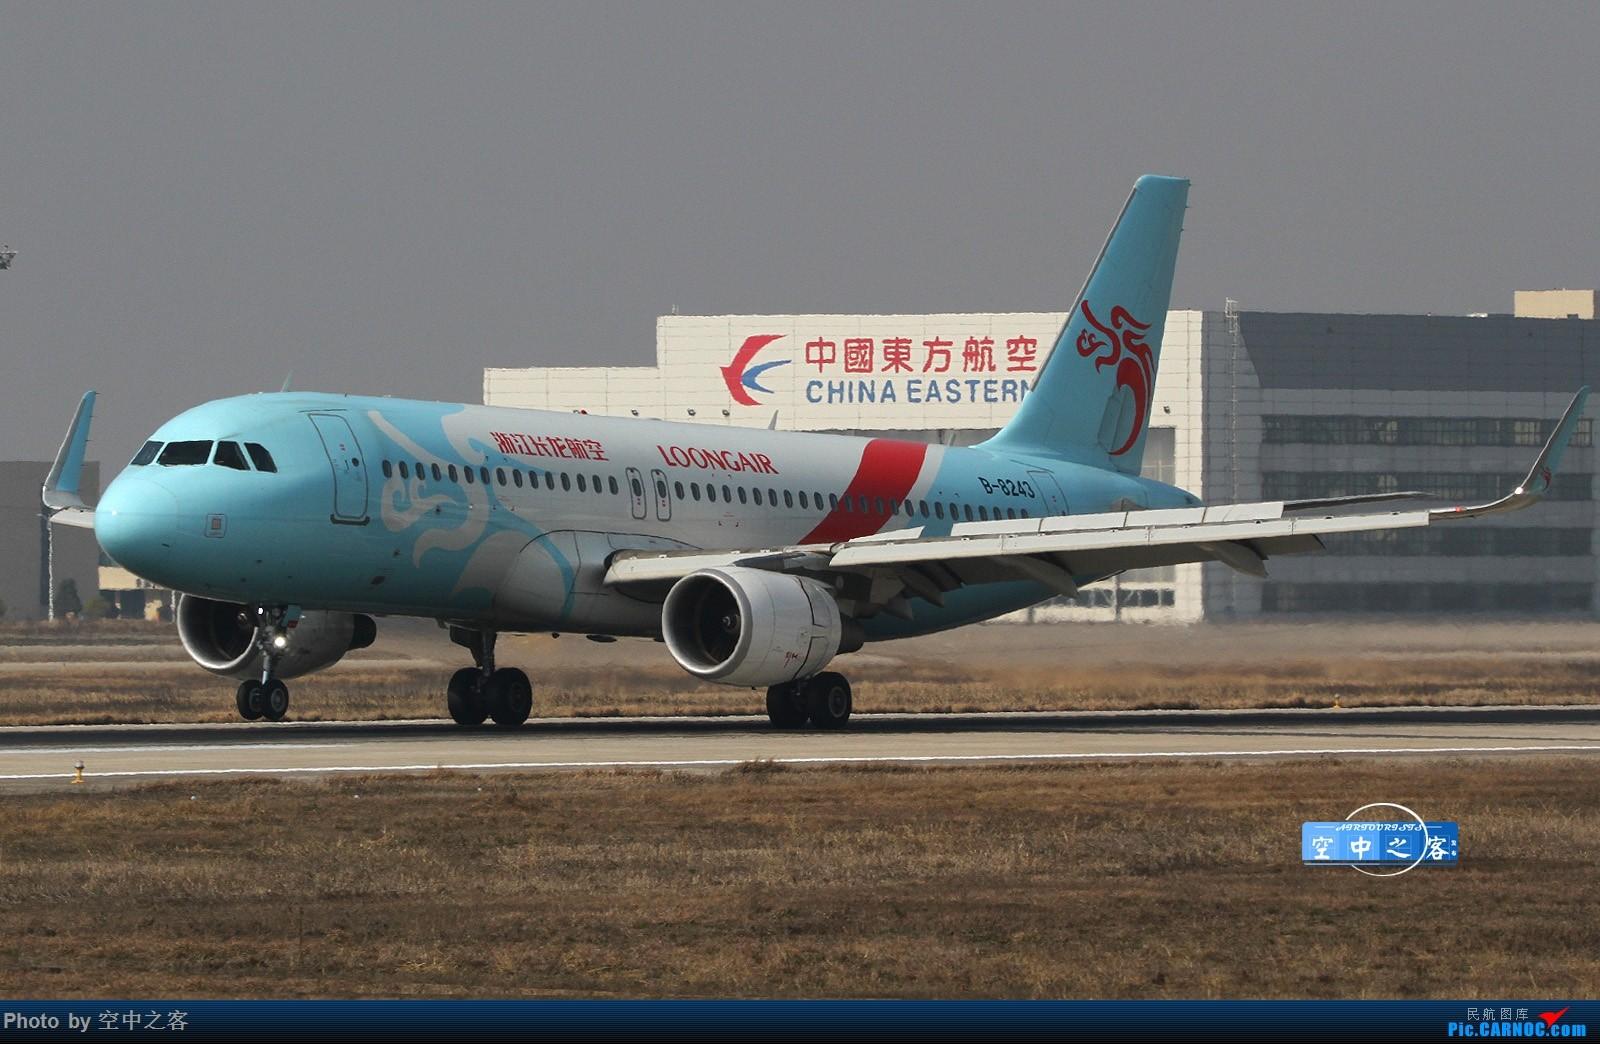 Re:[原创][合肥飞友会·霸都打机队·空中之客发布]2018-19飞友年会拍机第一波 AIRBUS A320-200 B-8243 合肥i新桥国际机场